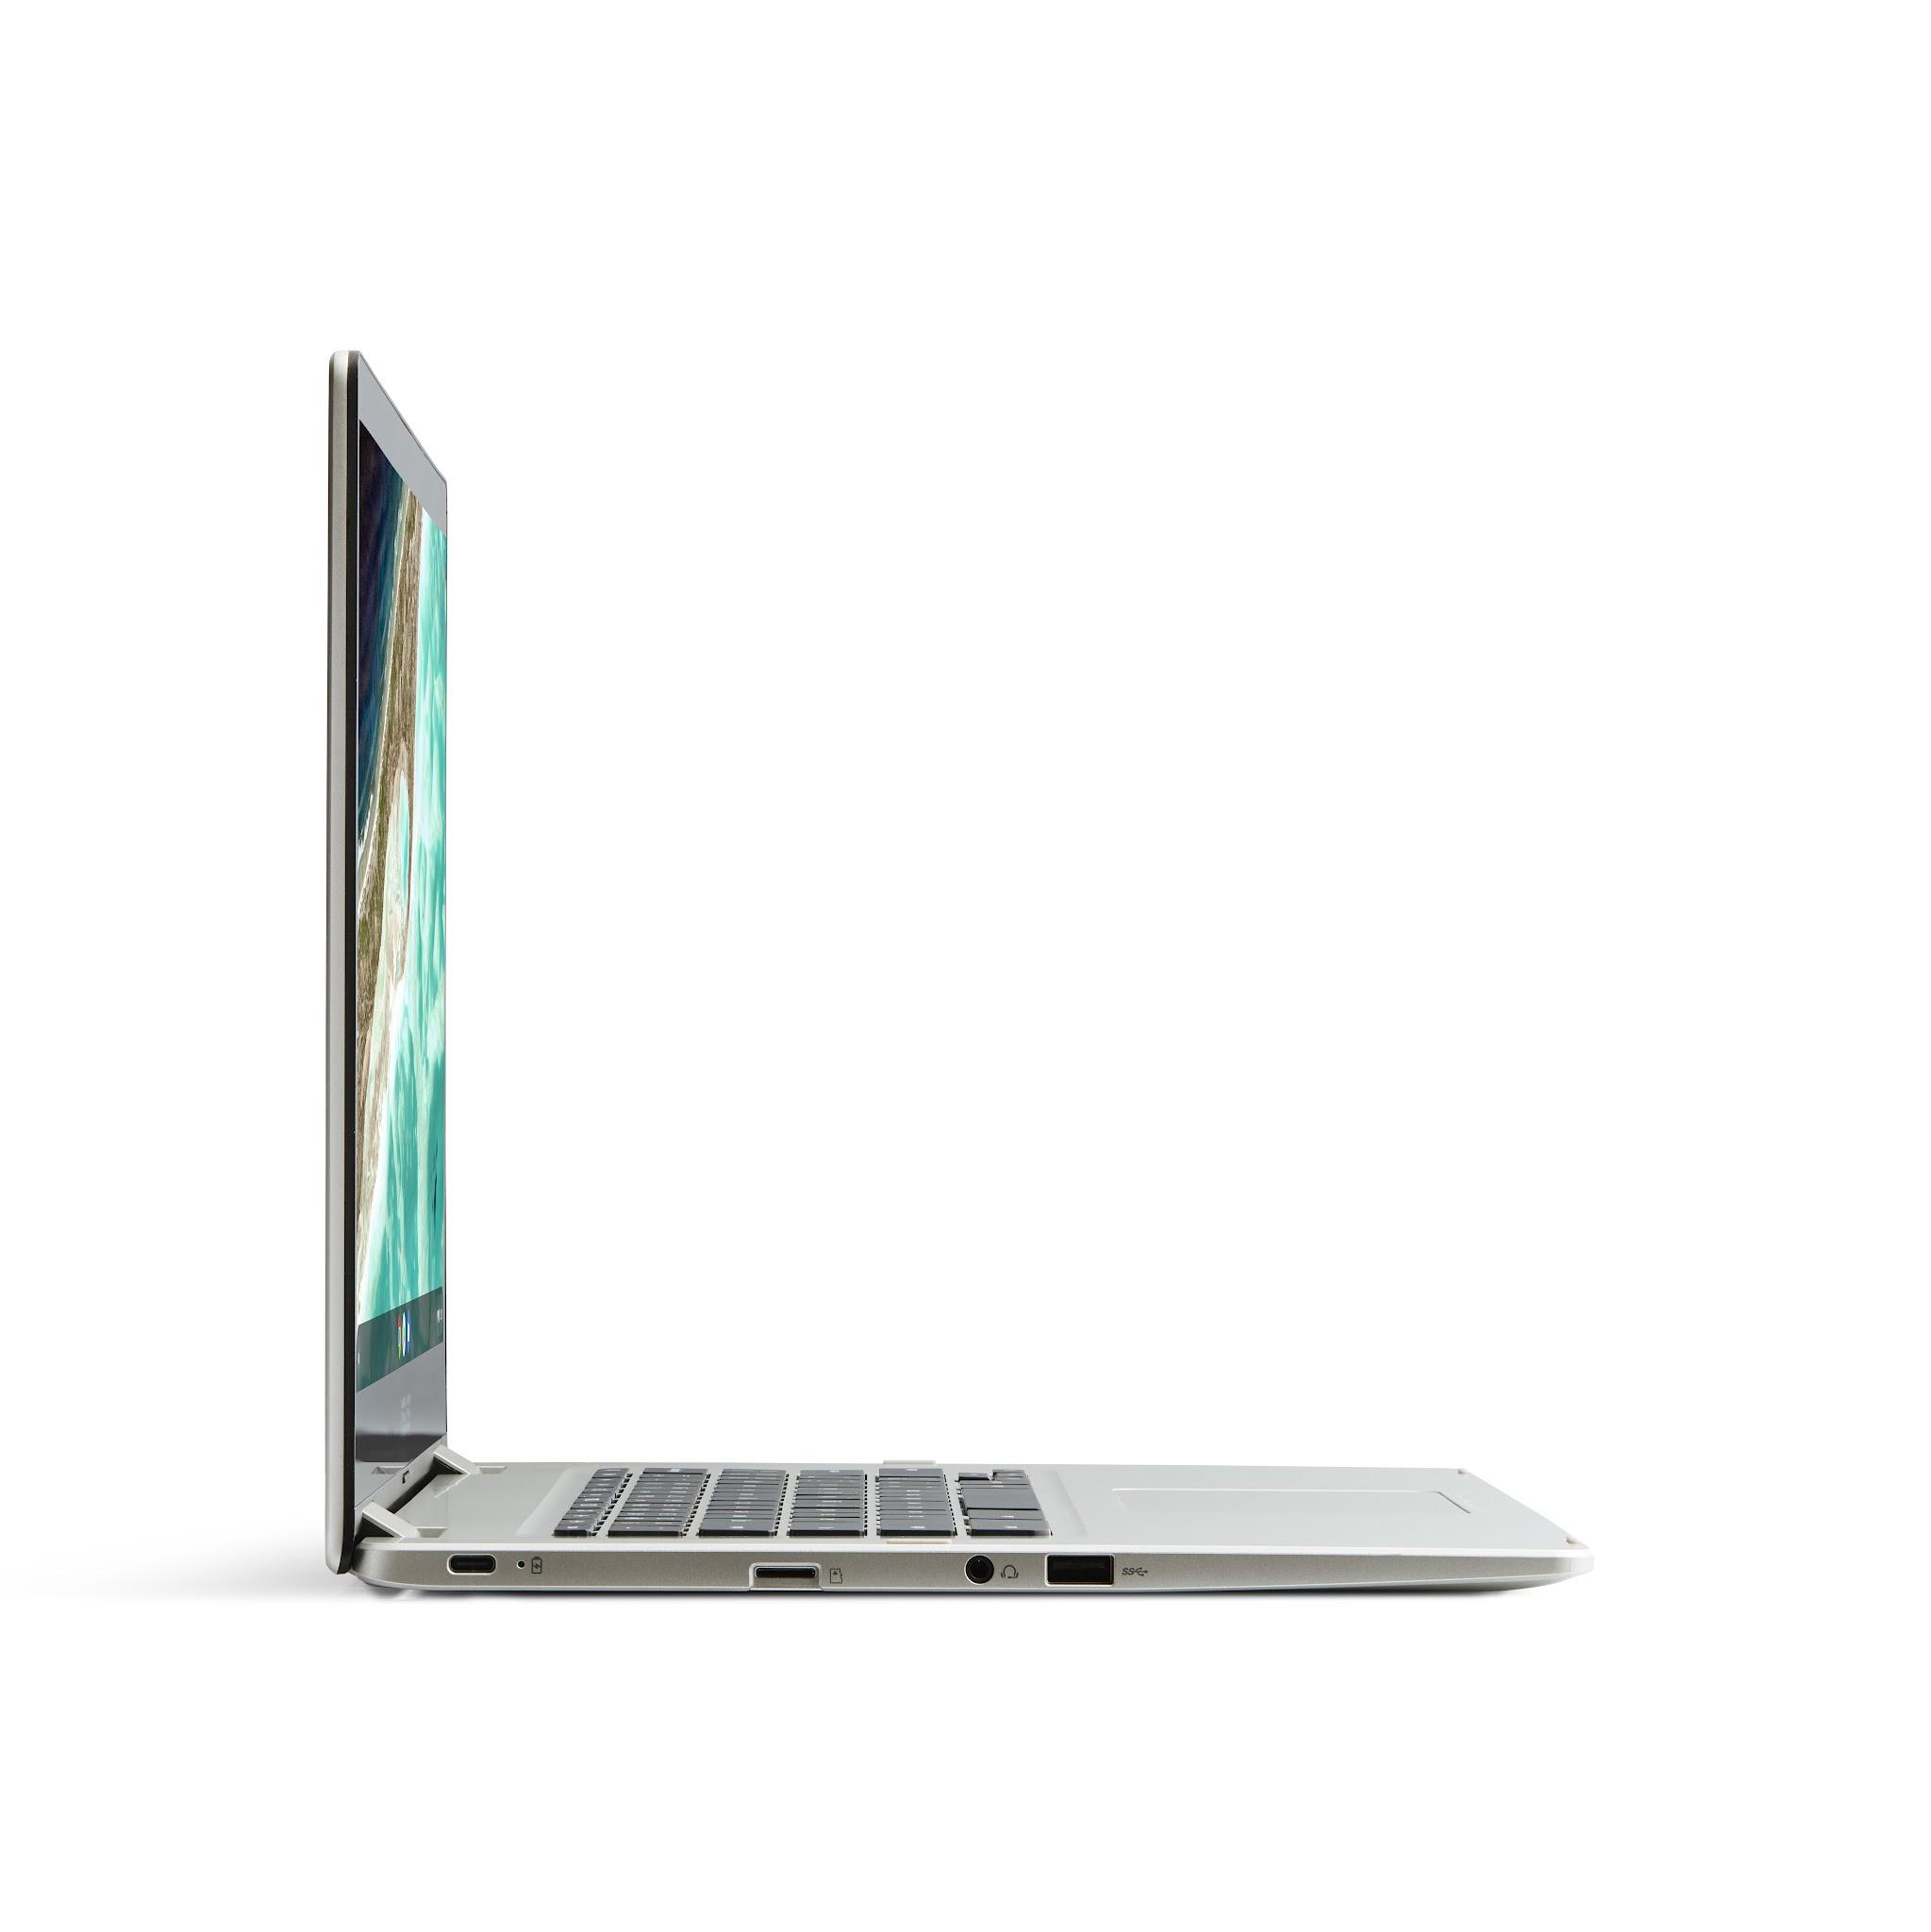 ASUS Chromebook C523 - photo 3